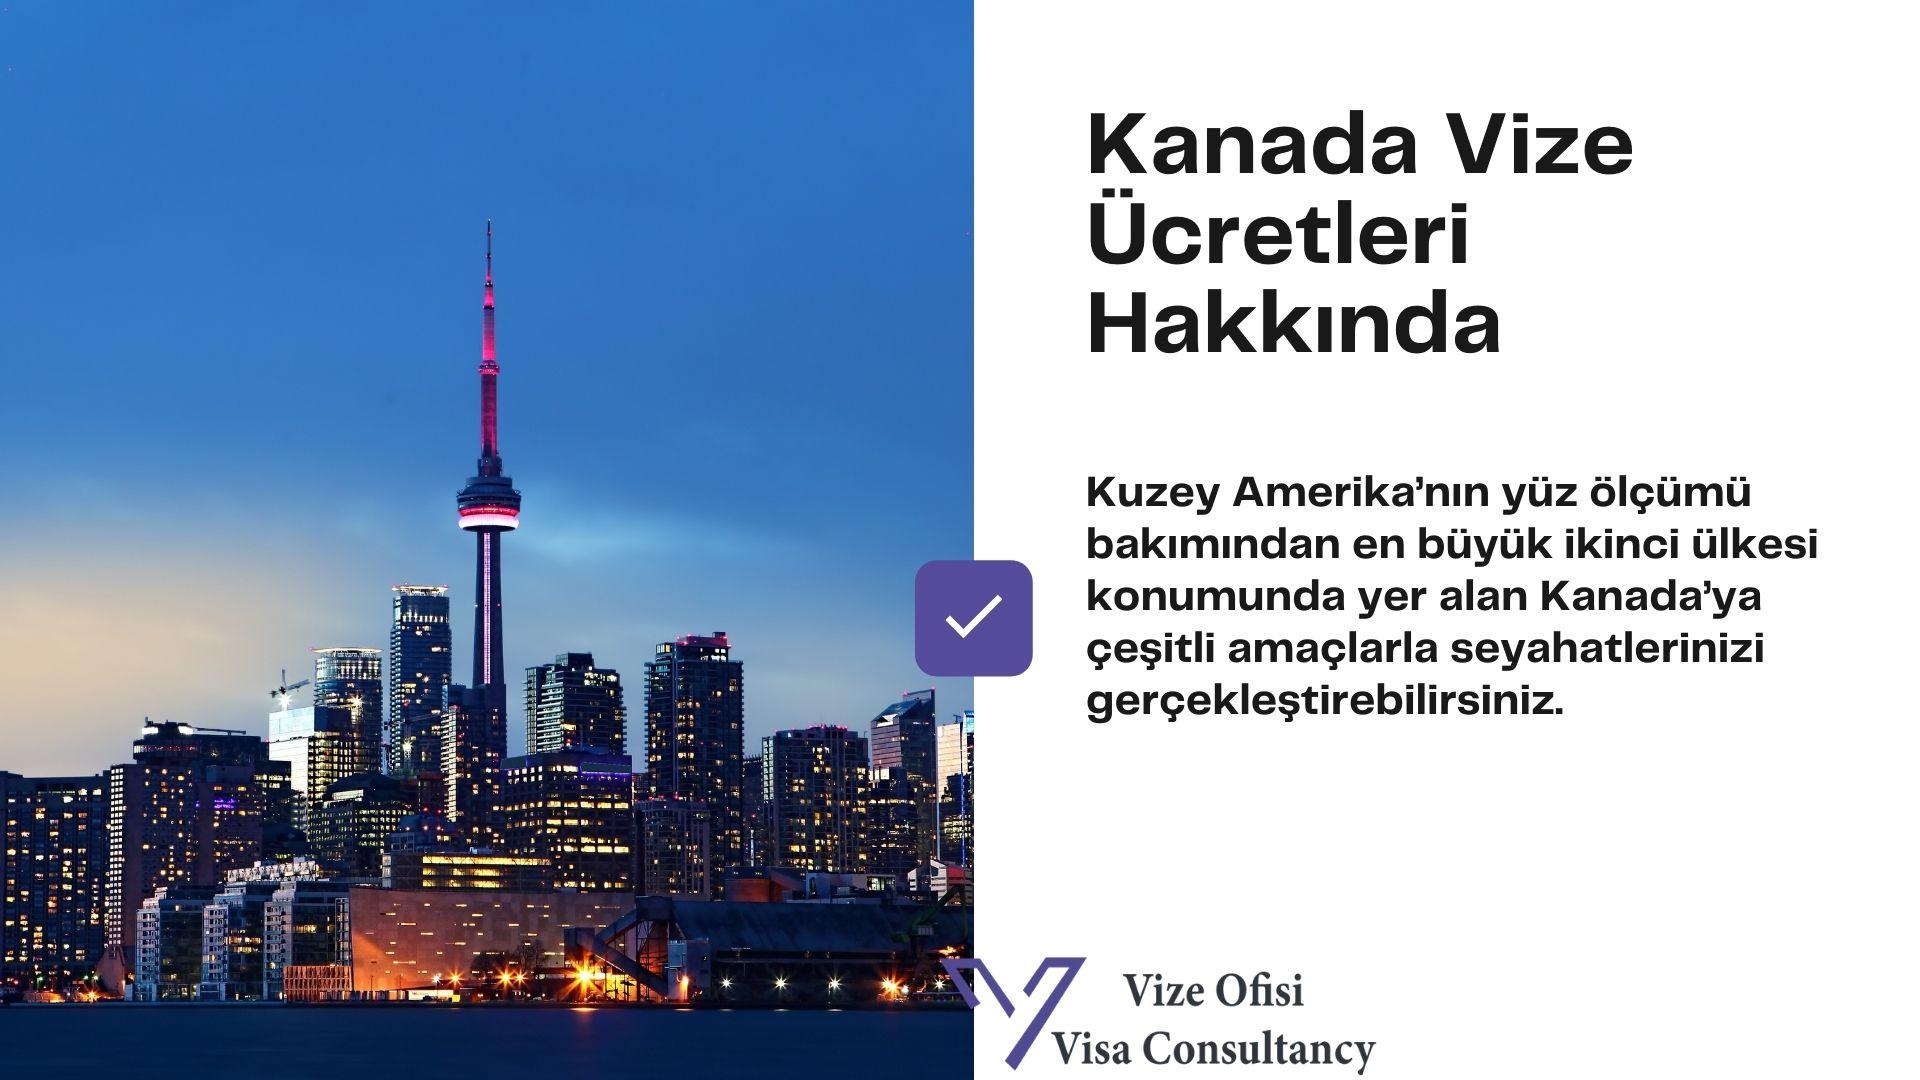 Kanada Vize Ücreti 2021 Güncel Liste